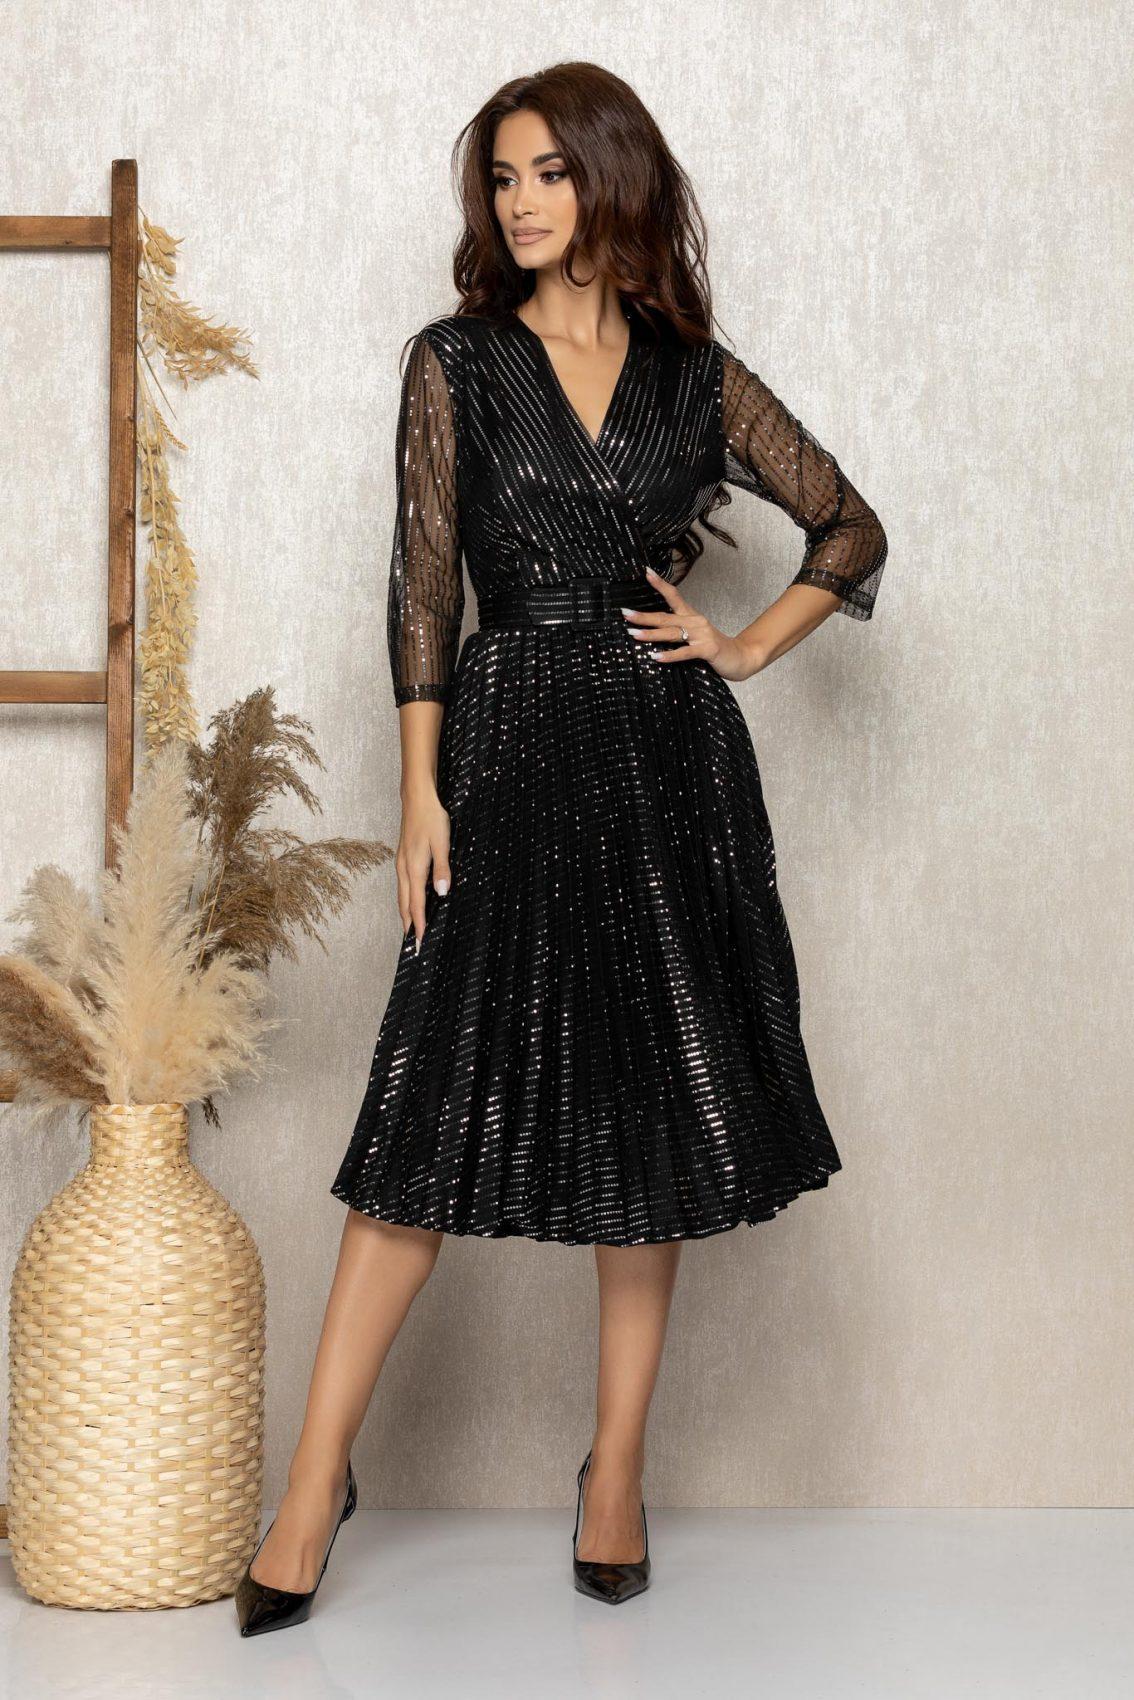 Μαύρο Μίντι Βραδινό Πλισέ Φόρεμα Delilah T289 1